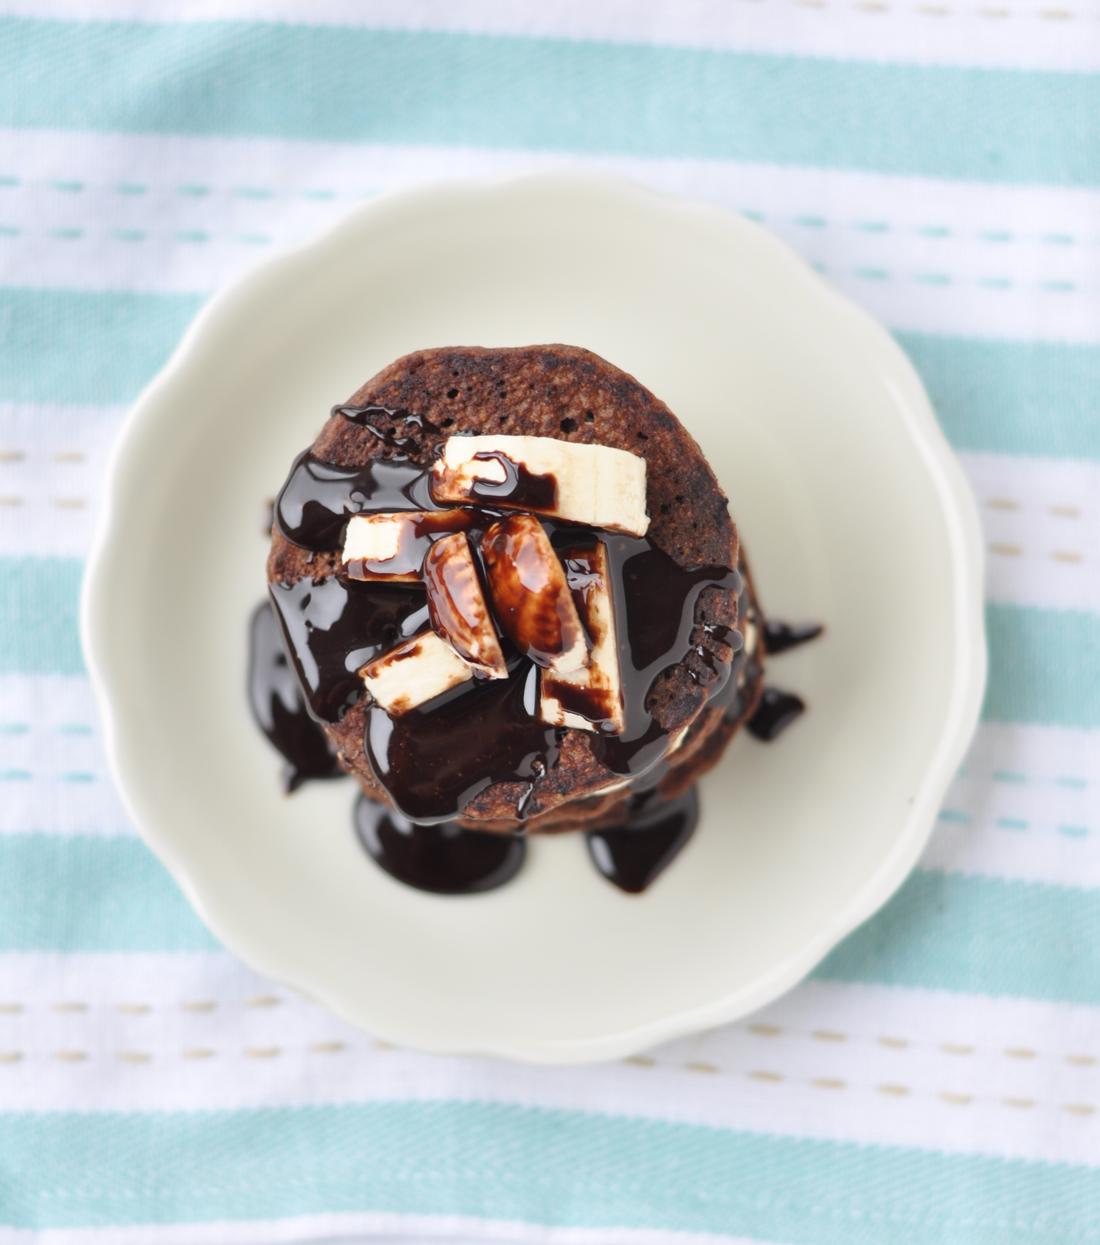 choc pancake 1a.jpg